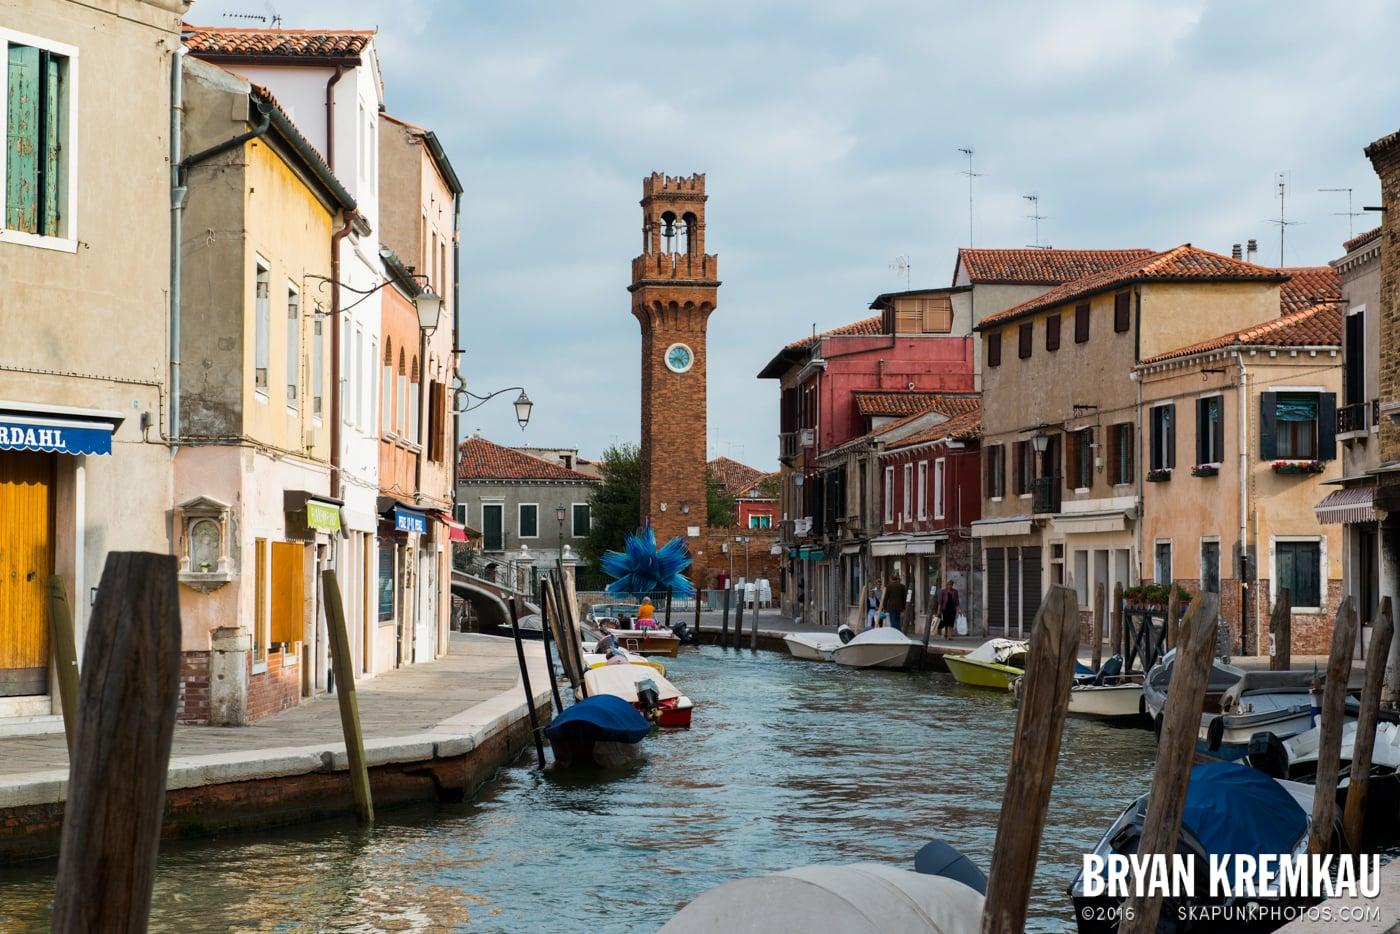 Italy Vacation - Day 6: Murano, Burano, Venice - 9.14.13 (95)